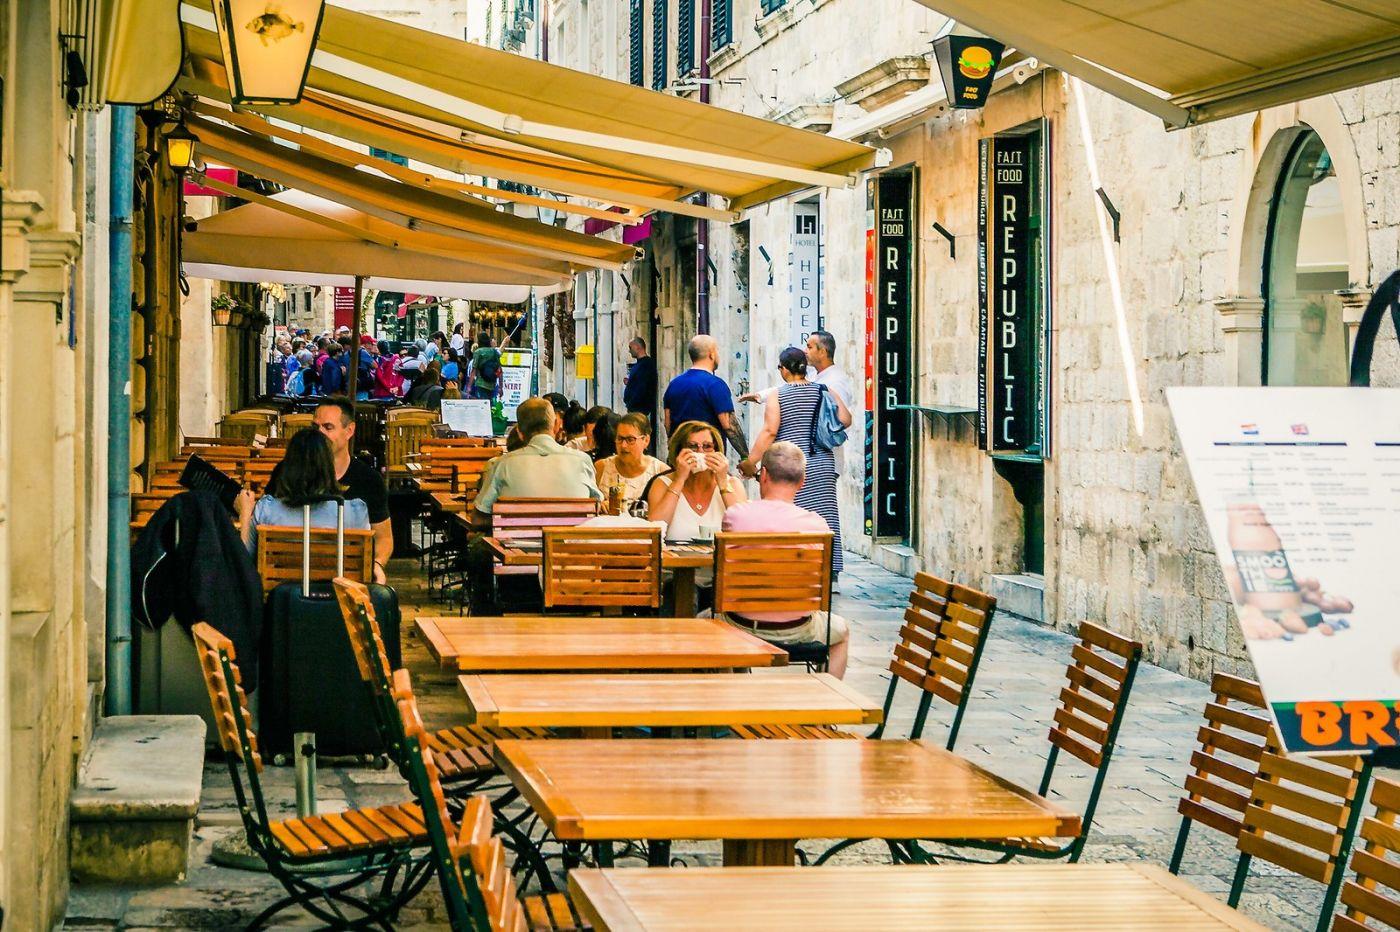 克罗地亚杜布罗夫尼克(Dubrovnik),古城小巷_图1-28